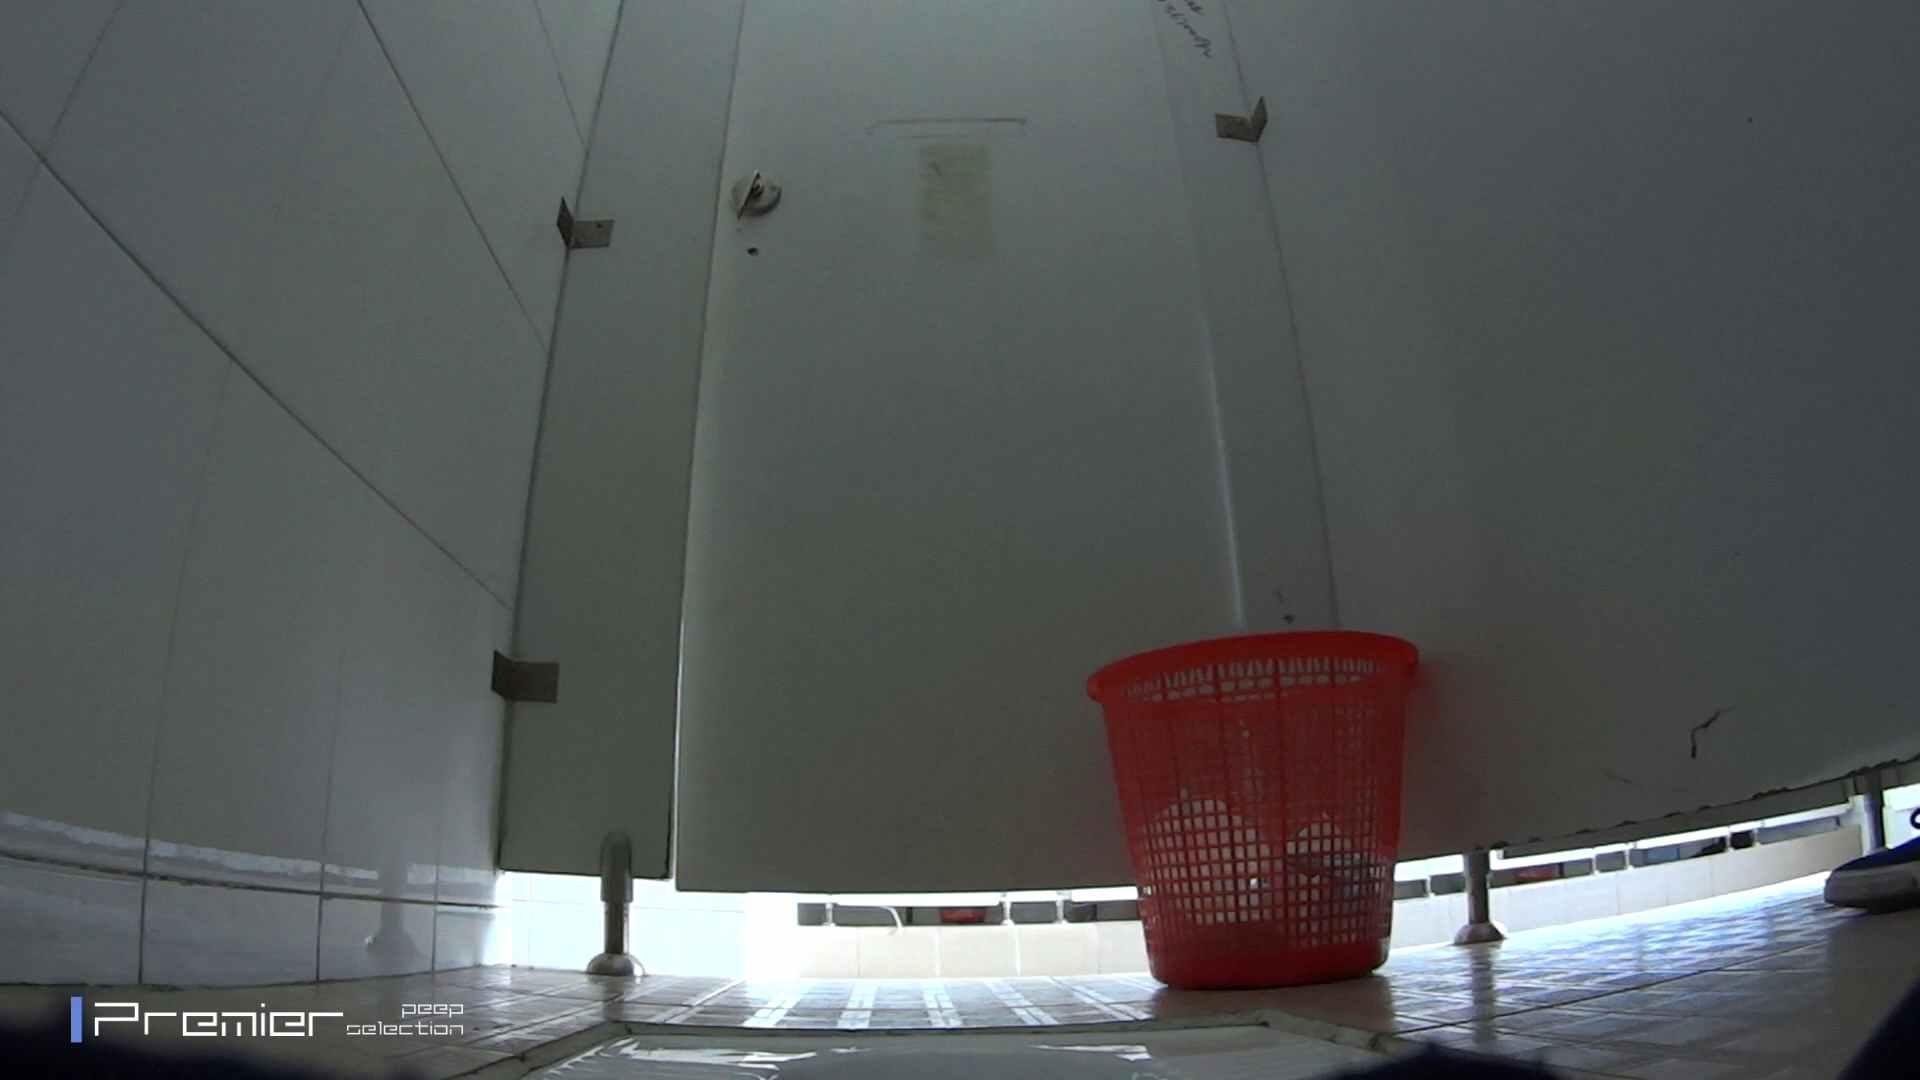 アジアンビューティー達の聖水 大学休憩時間の洗面所事情24 盗撮 おまんこ動画流出 67PIX 35